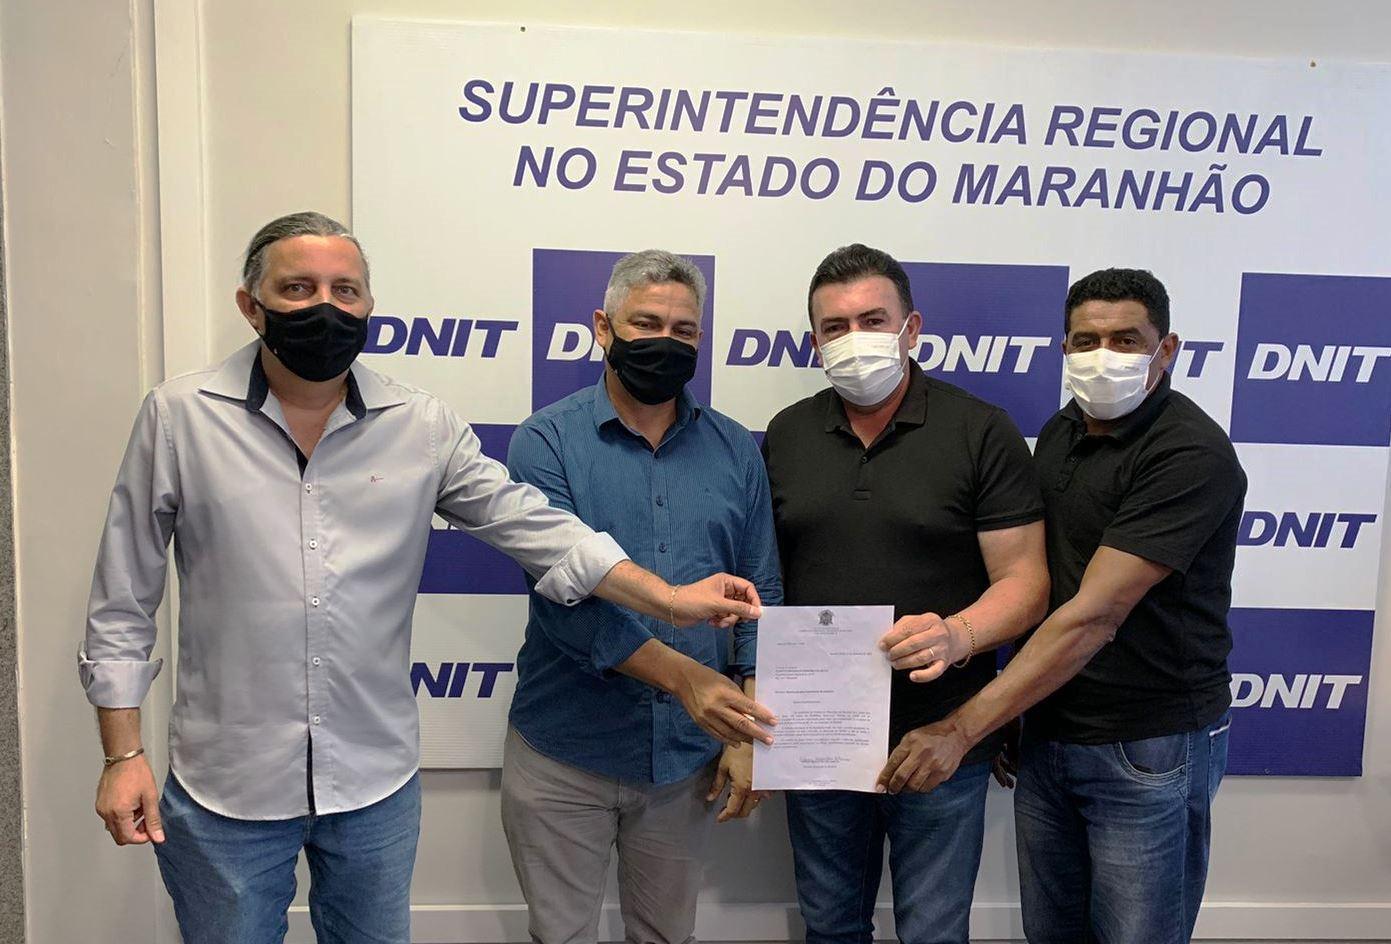 Prefeito Edvan Brandão pede ao DNIT a instalação de semáforos e passarelas de pedestres